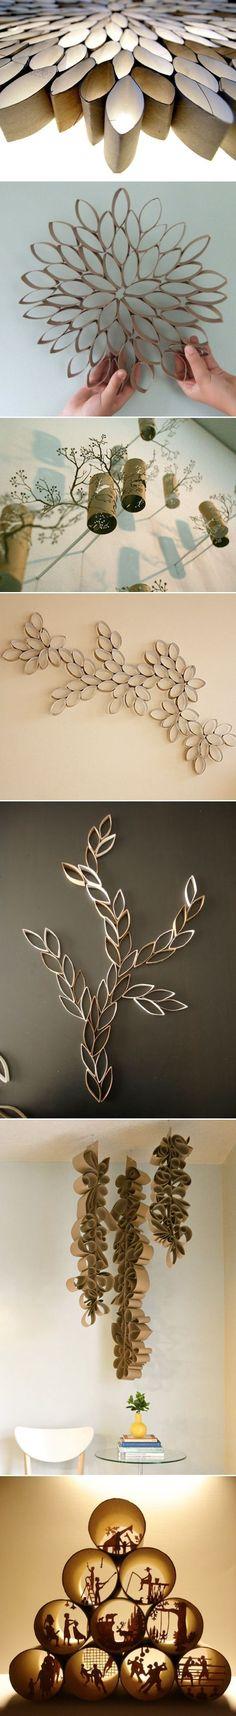 Rouleau de papier de bricolage Artisanat